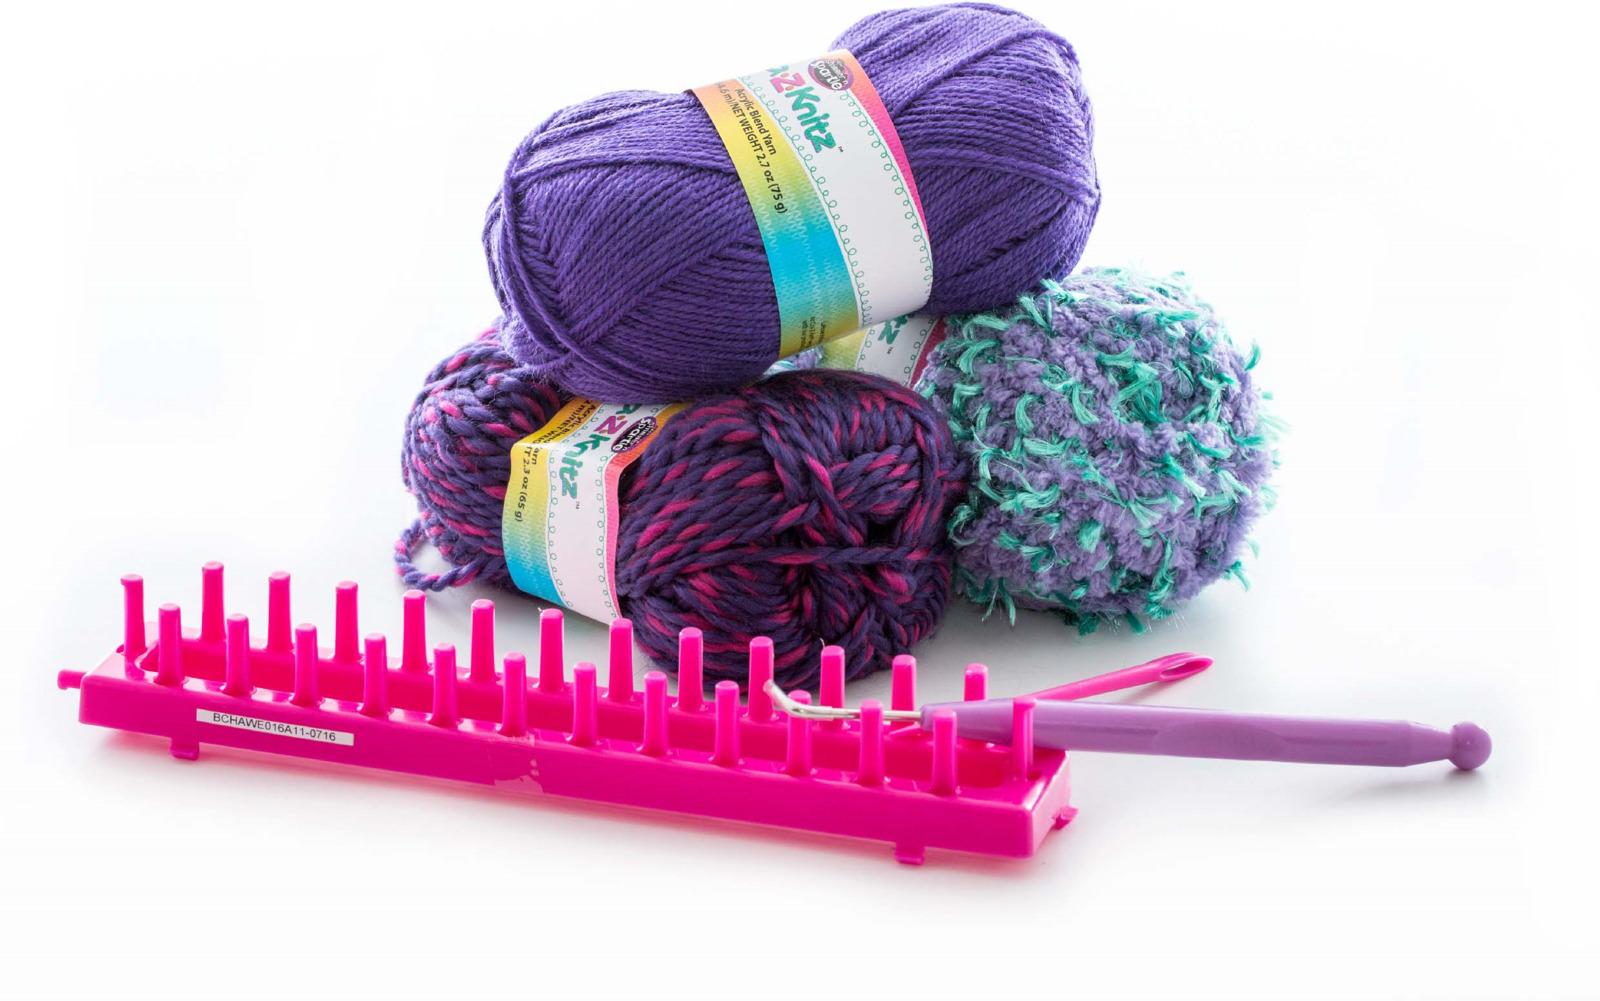 Cra-Z-Knitz Набор для вязания Шарф-хомут 17435 цены онлайн